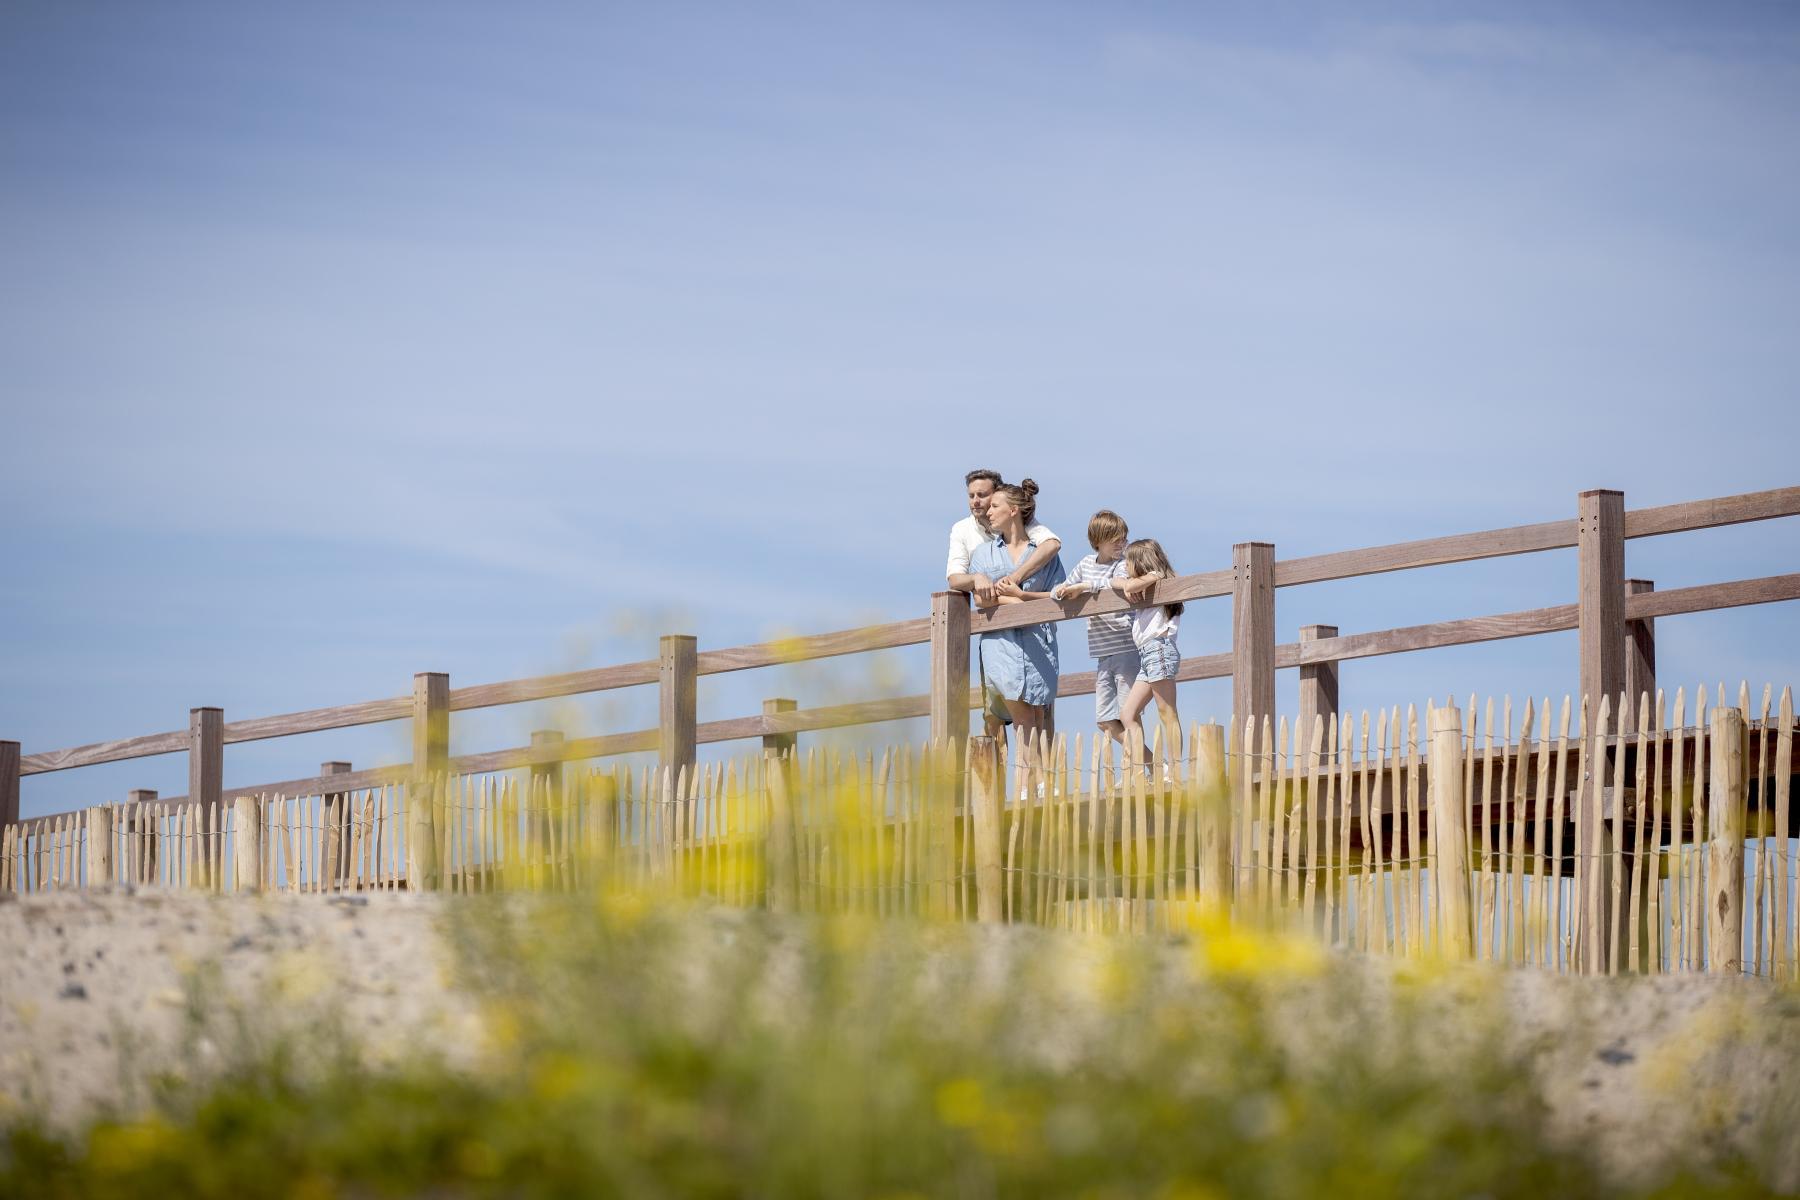 Visit-Nieuwpoort - Strandreservaat